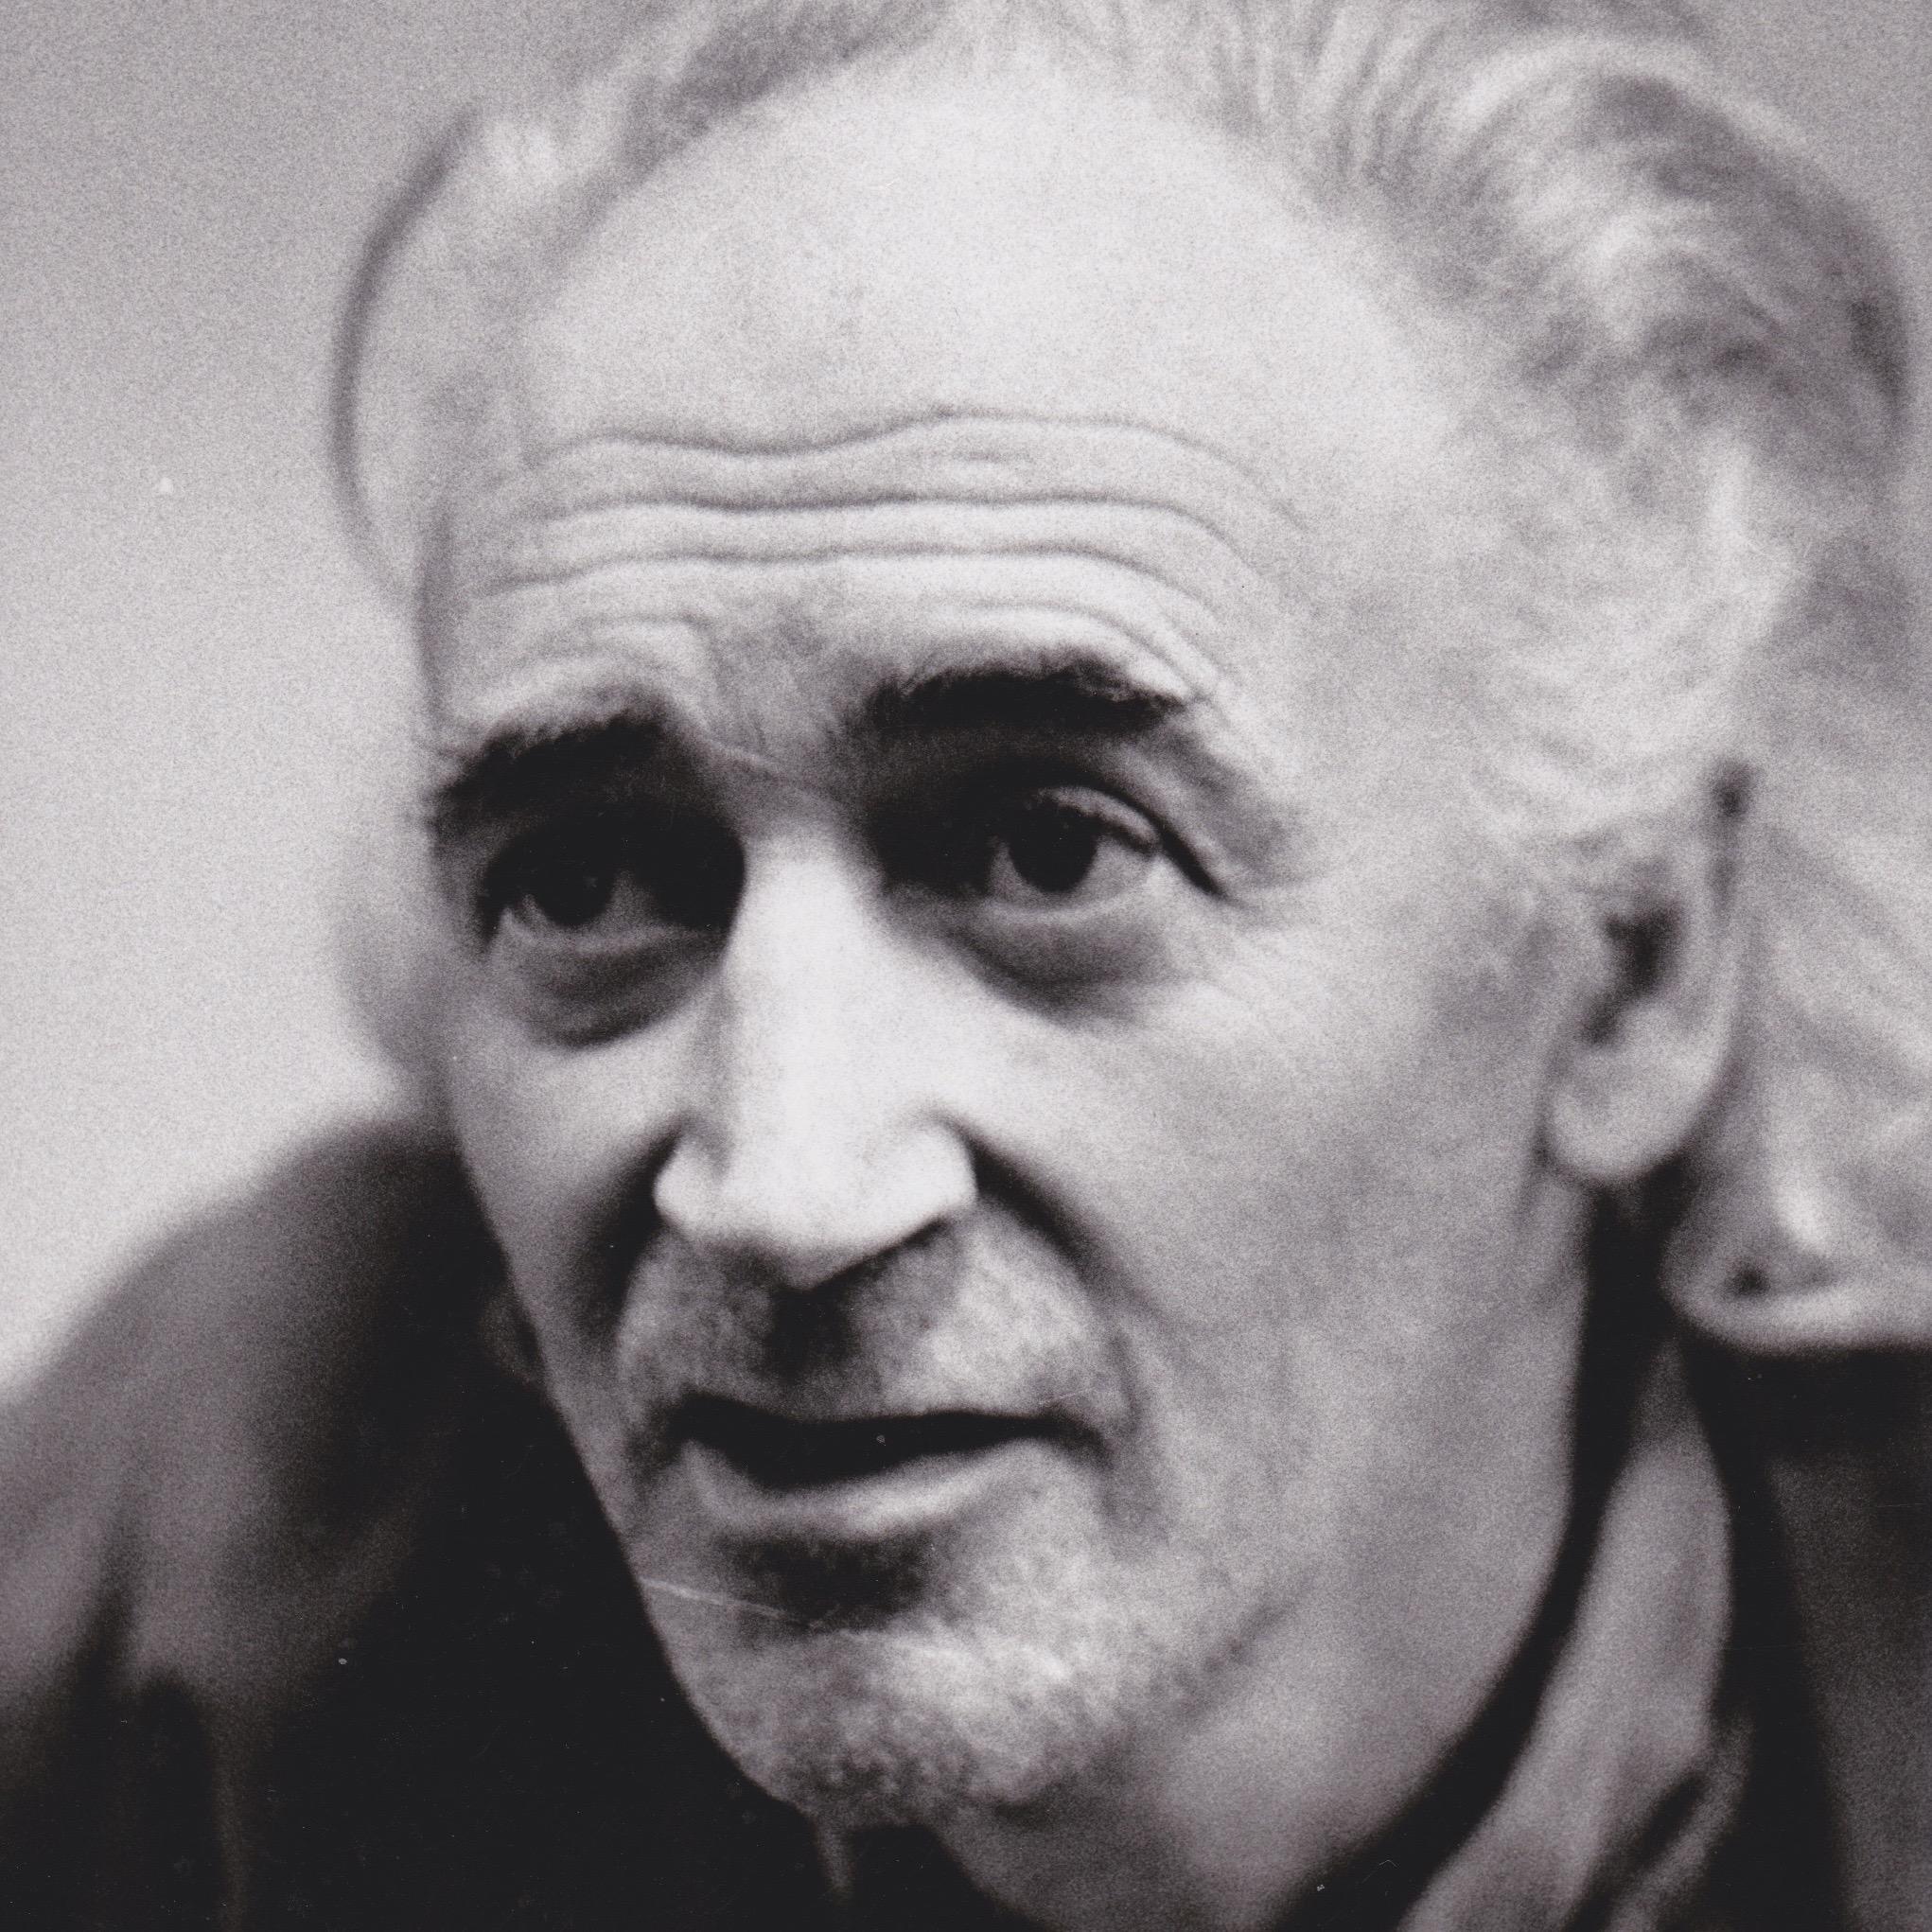 René Vautier en 1973 © rene-vautier.fr